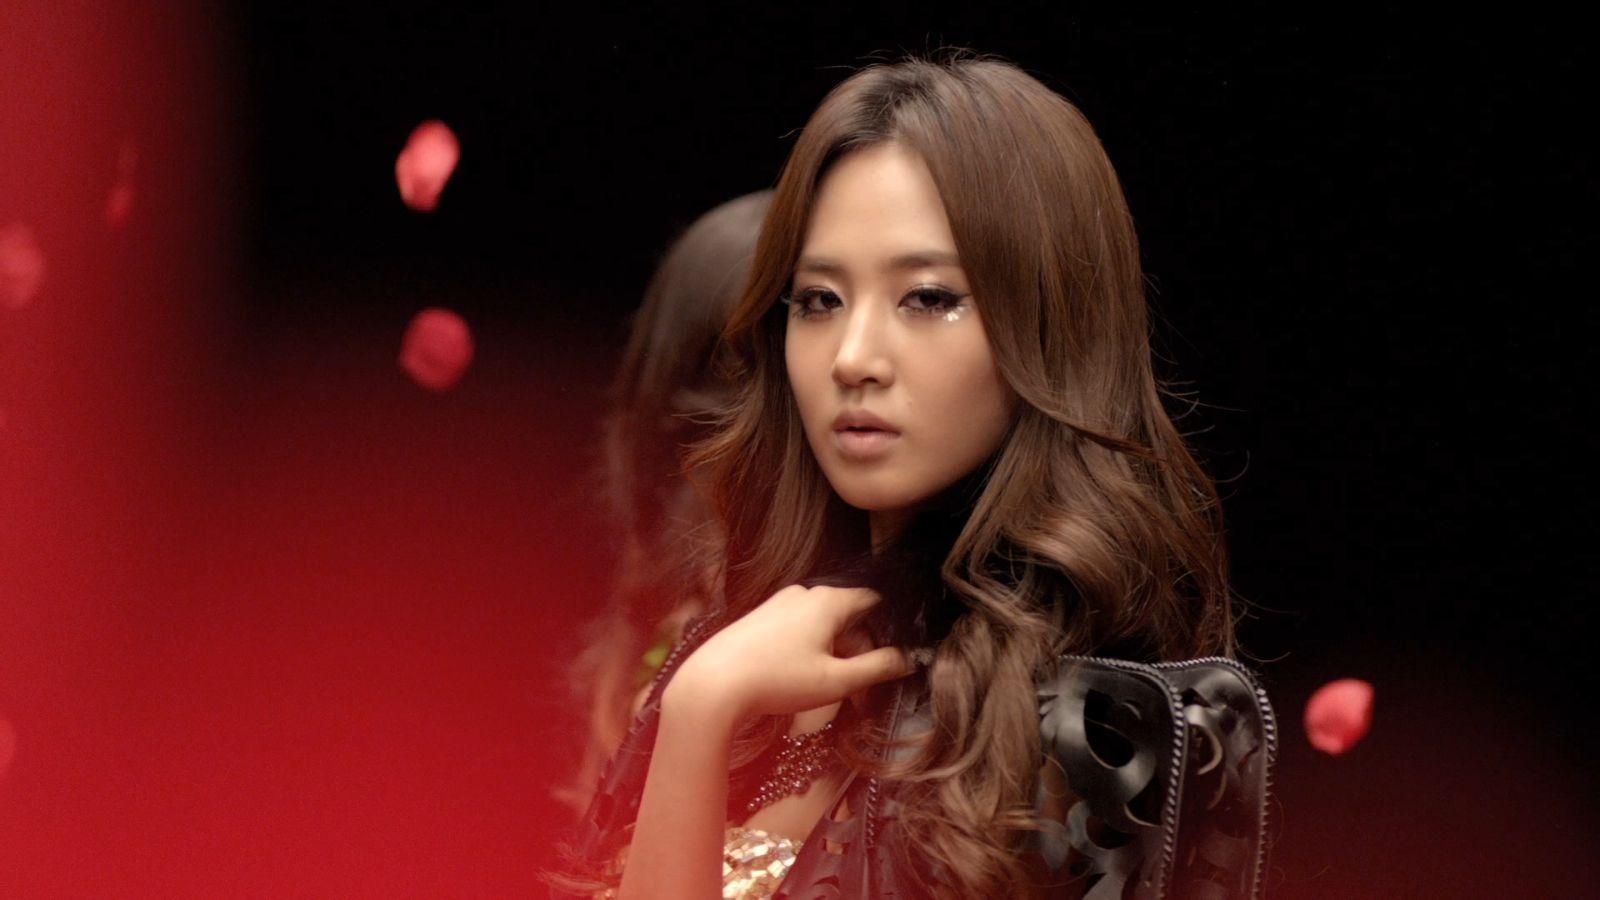 求一个mv是韩国女子组合的